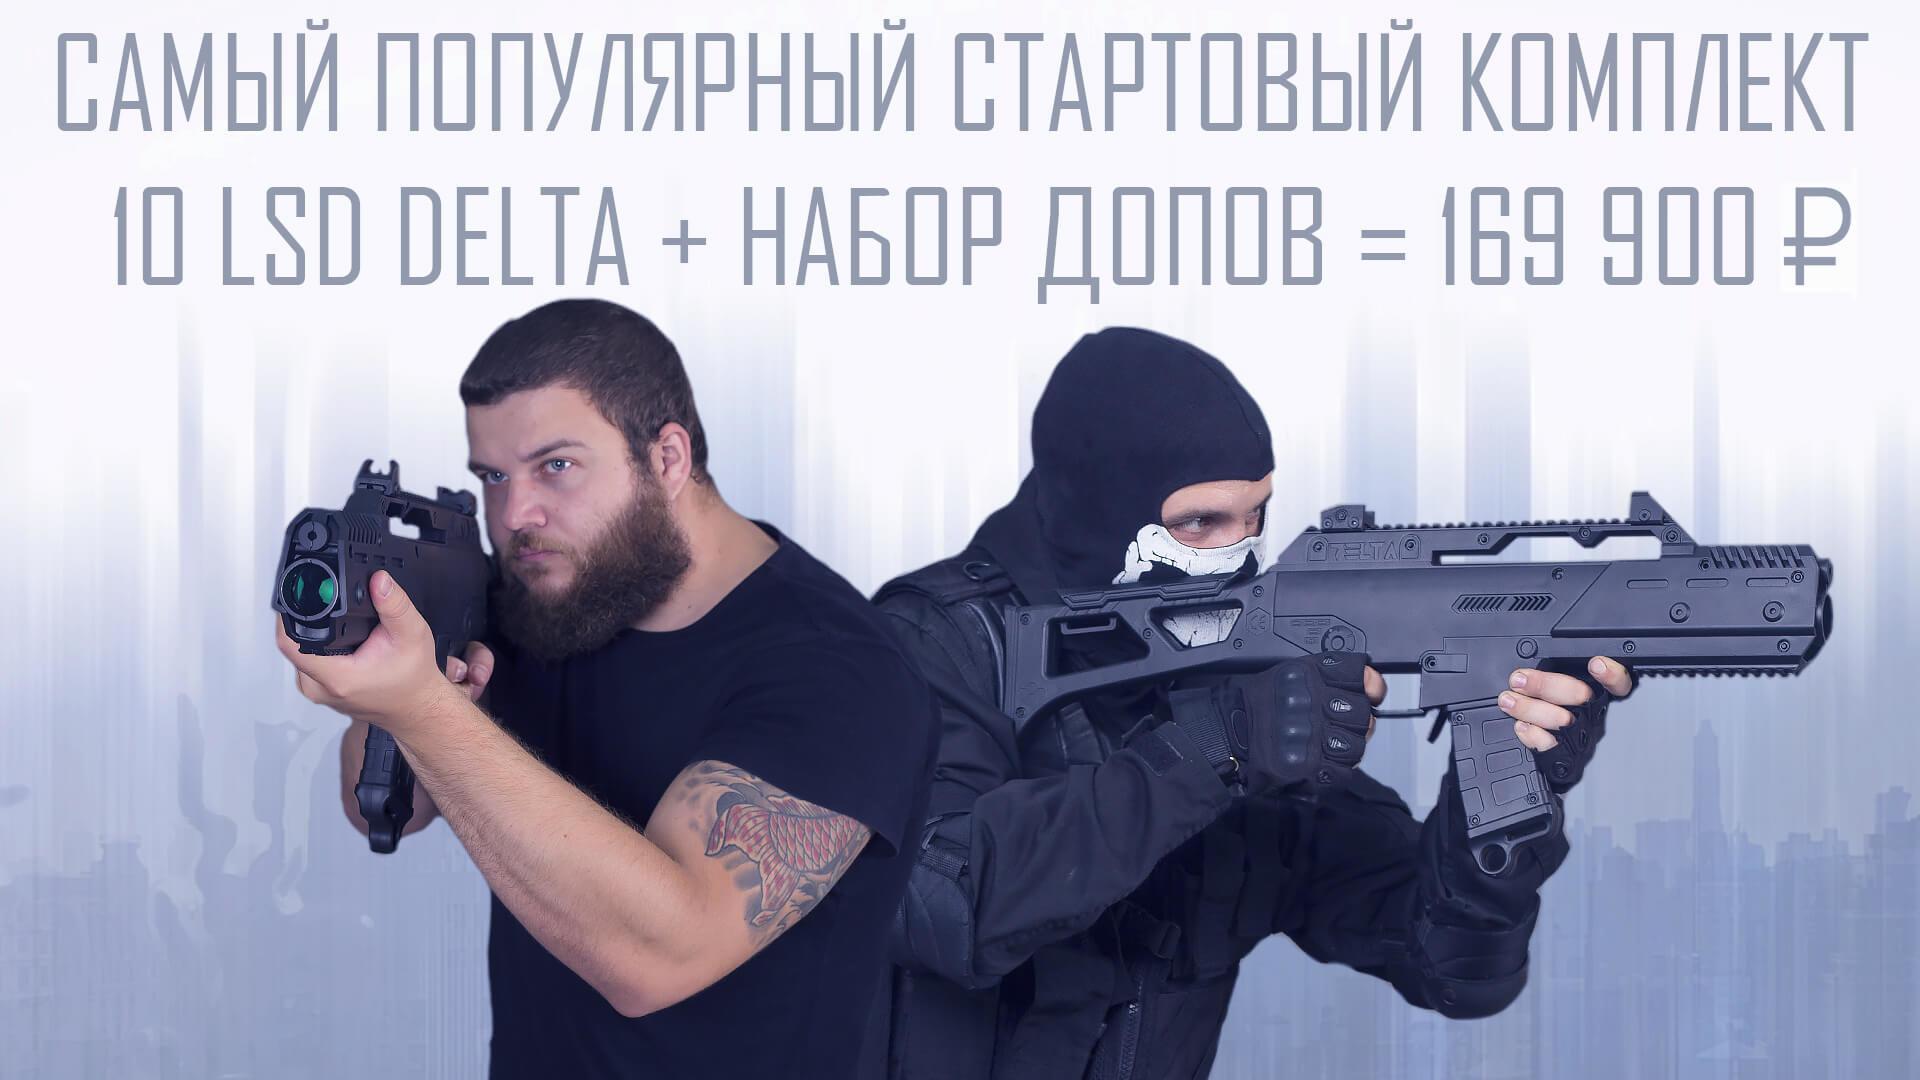 ГОРЯЧИЙ_КОМПЛЕКТ_1080